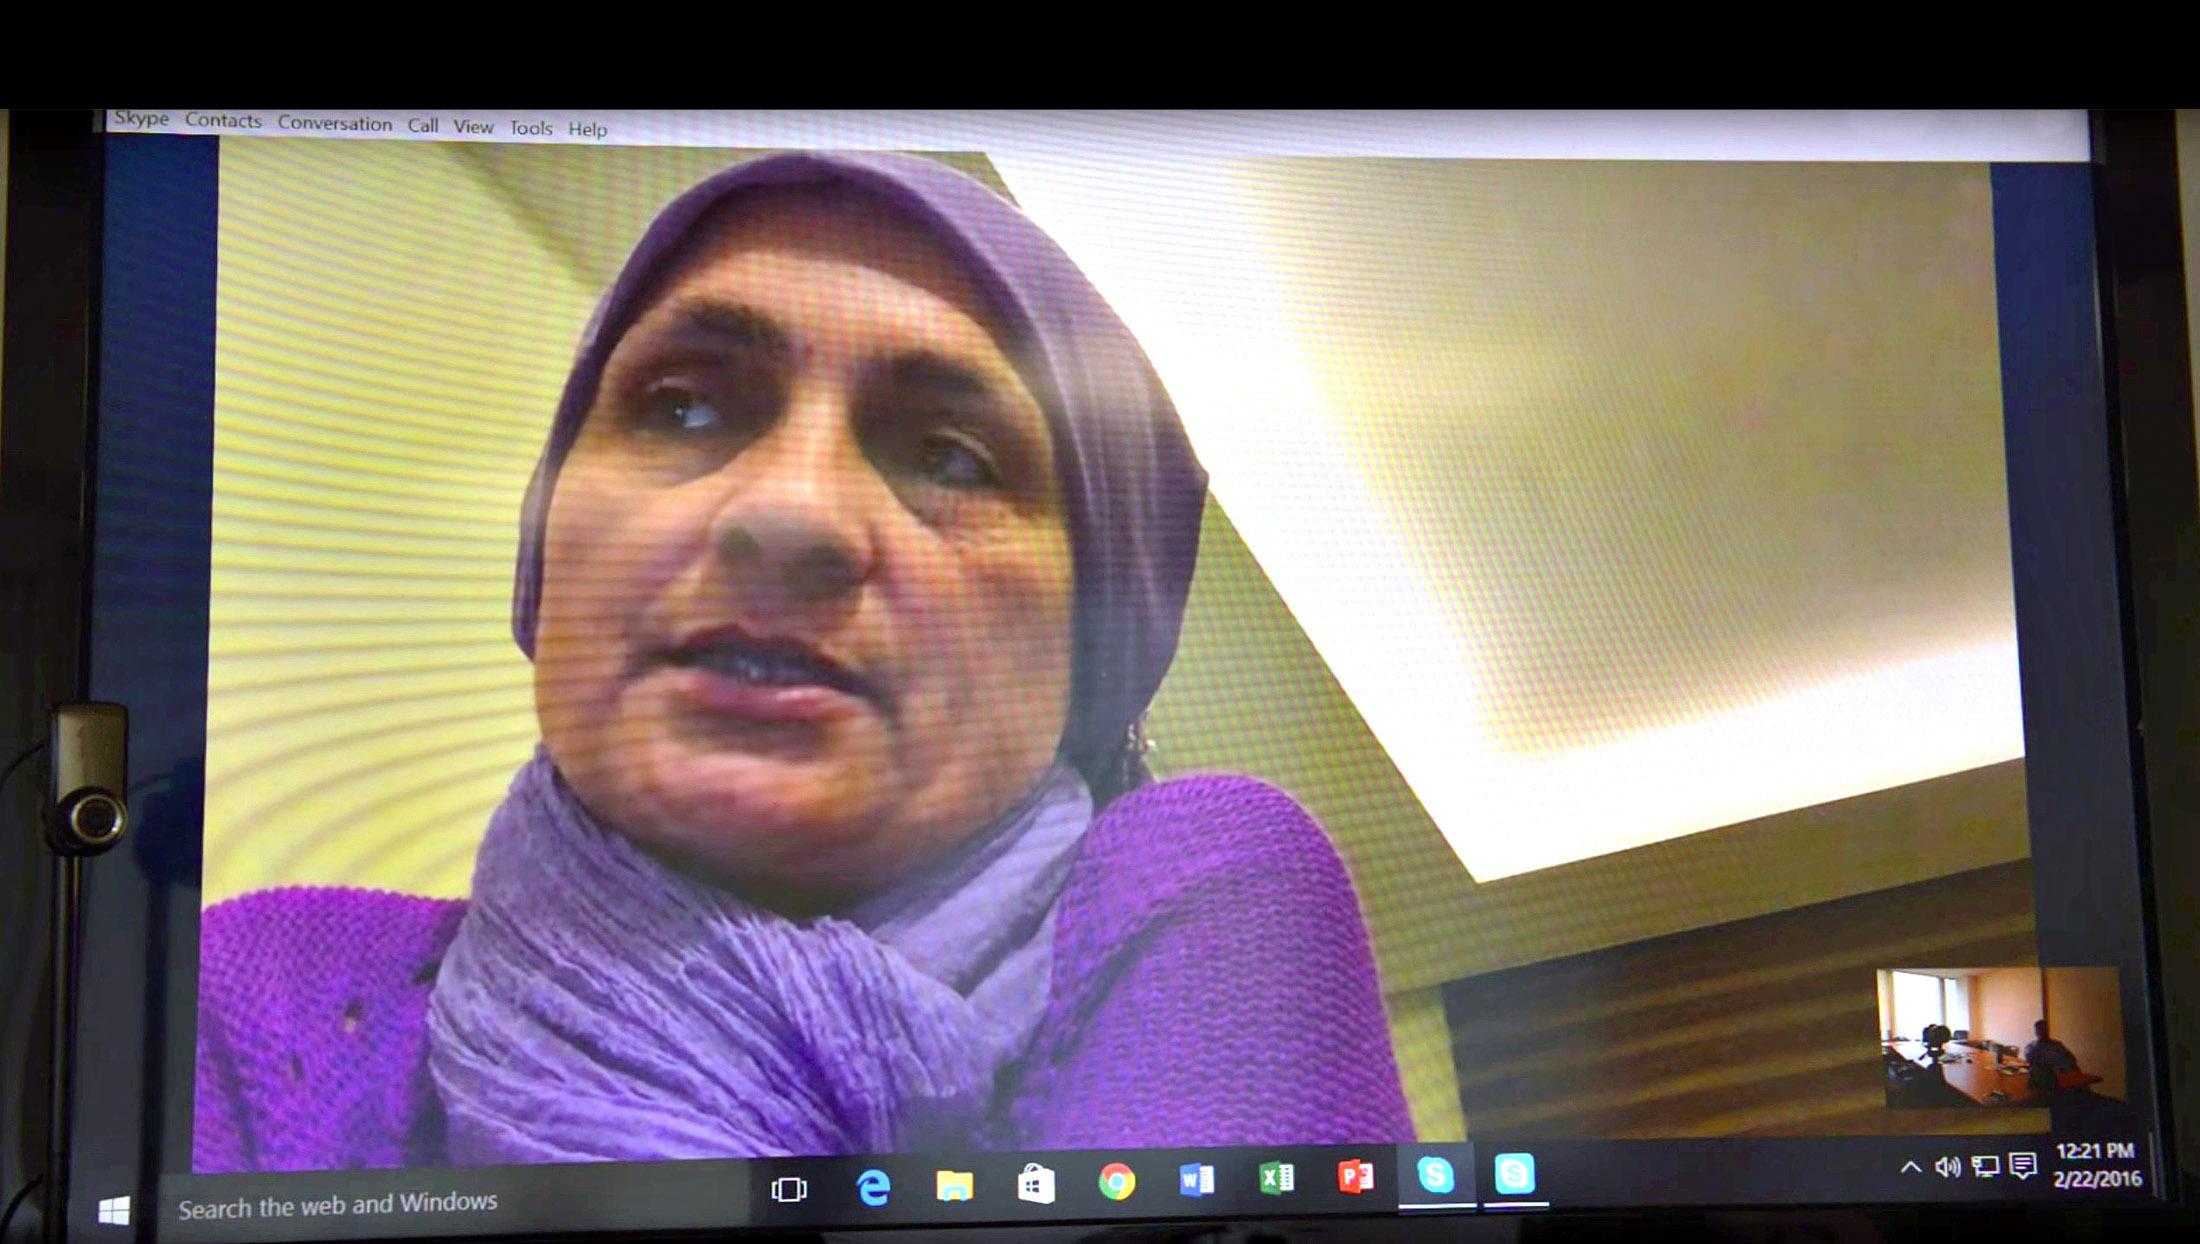 Dr Ghafouri